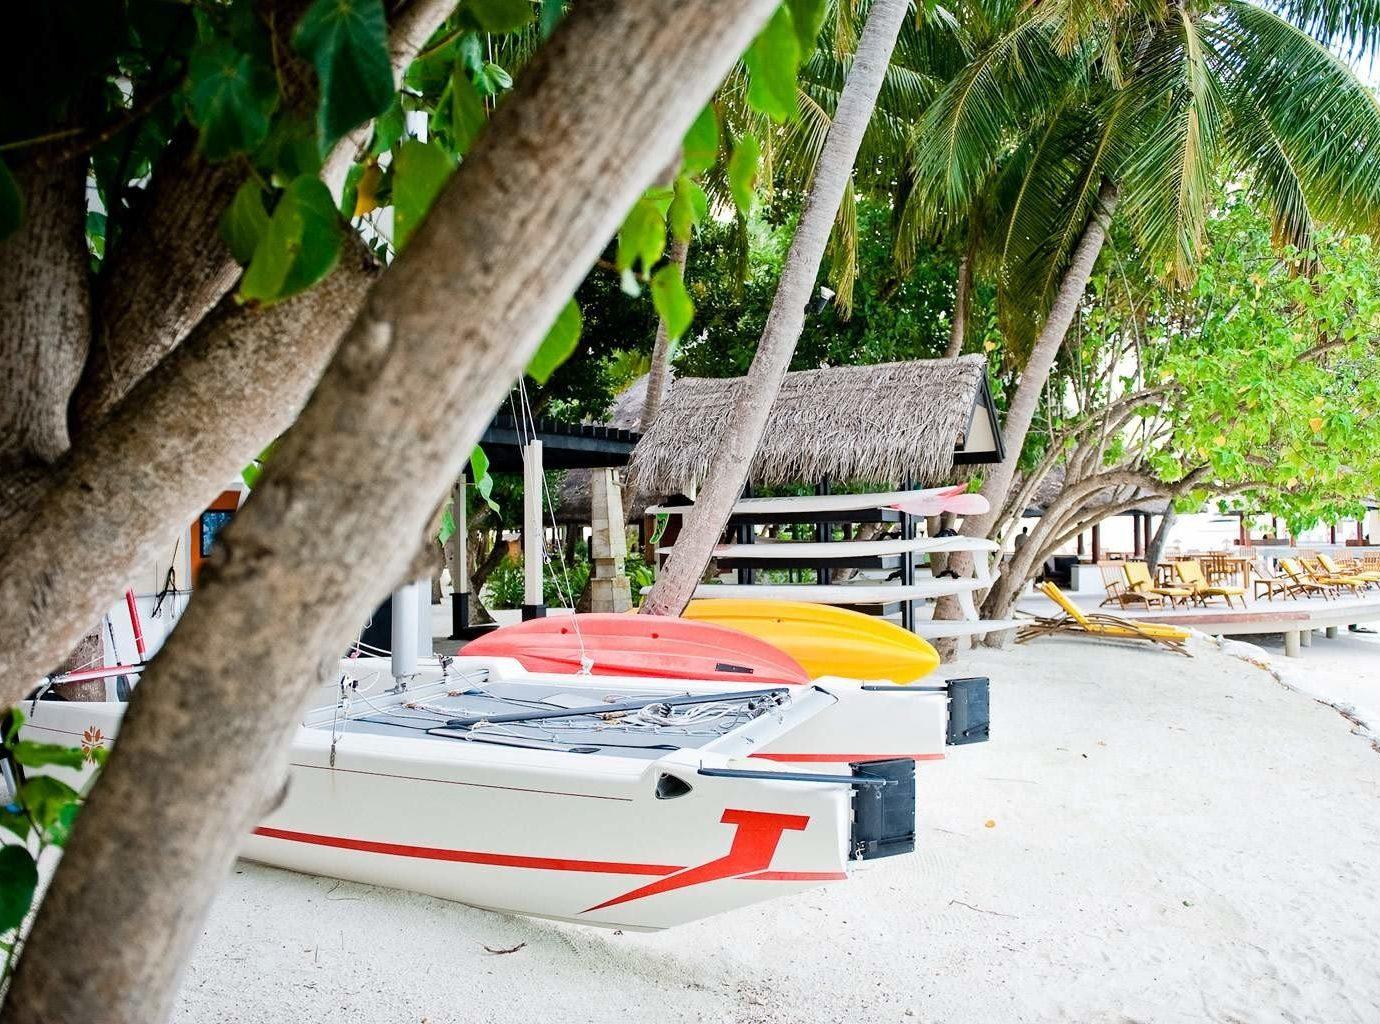 tree ground vehicle Resort Boat